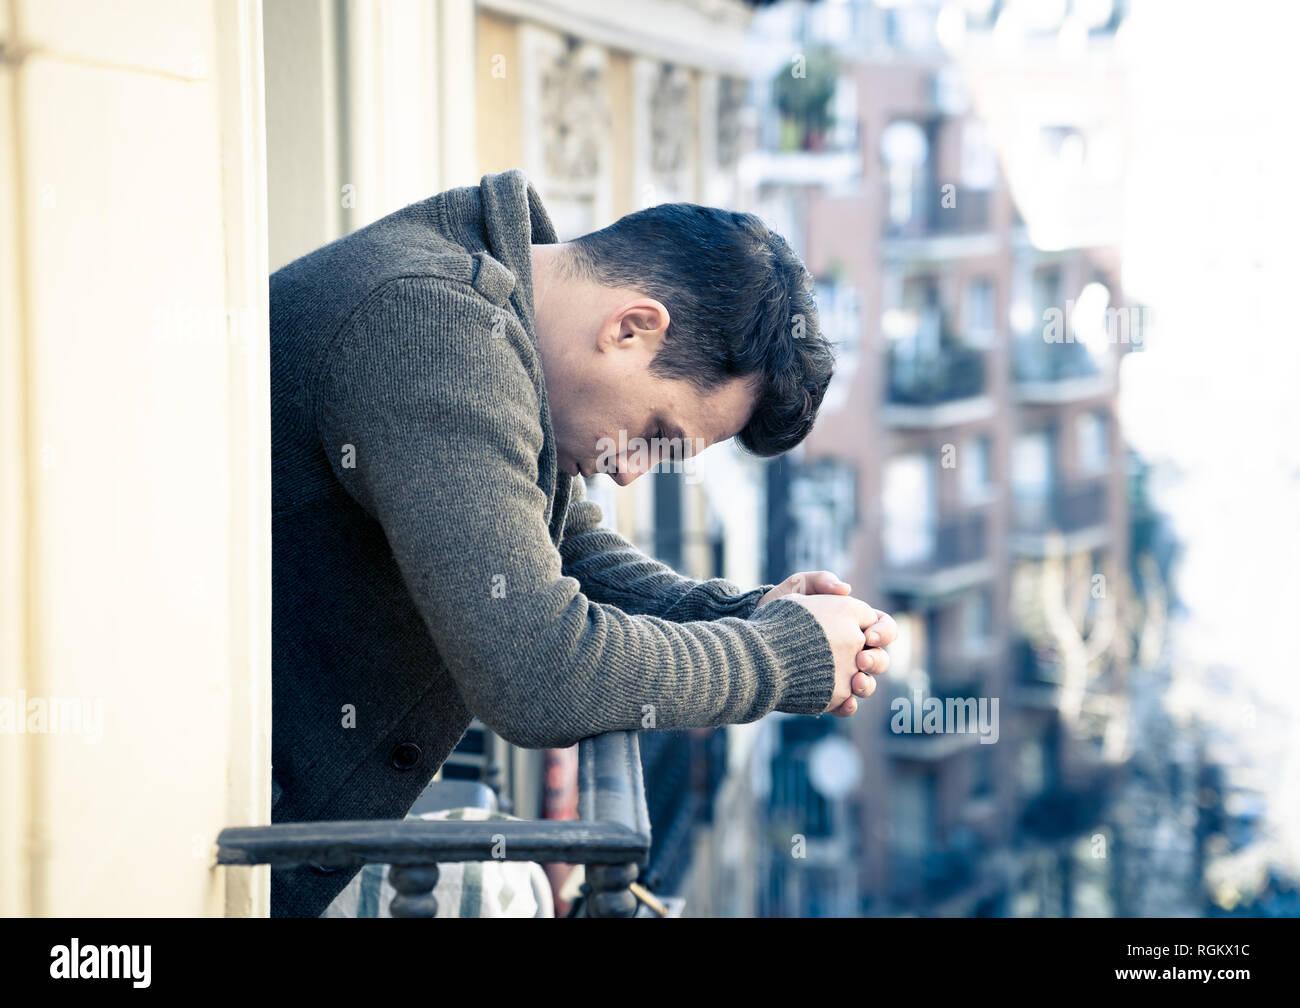 Triste infeliz deprimido joven llorando y desesperado sentimiento suicida,  aislada y sin valor mirando por la calle a casa balcón en personas Depres  Fotografía de stock - Alamy